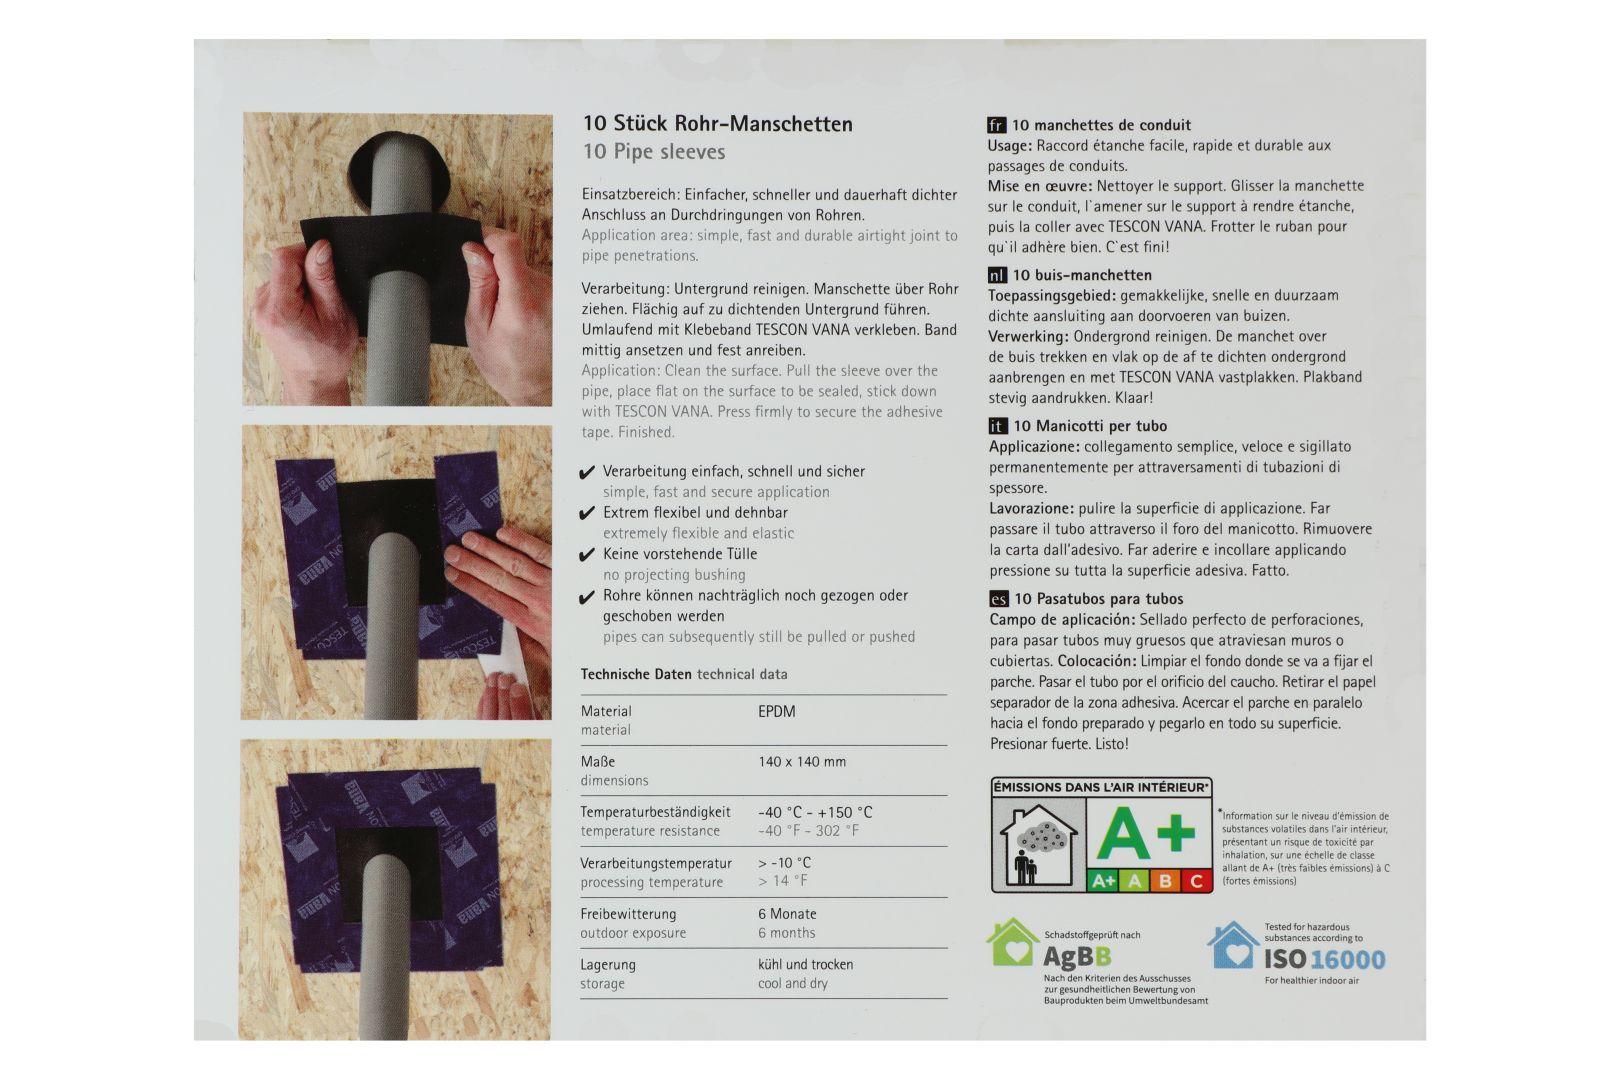 pro clima ROFLEX 50 Rohr-Manschette, 145 x 145 mm, für Rohre mit Ø 50 - 90 mm, 1 Manschette